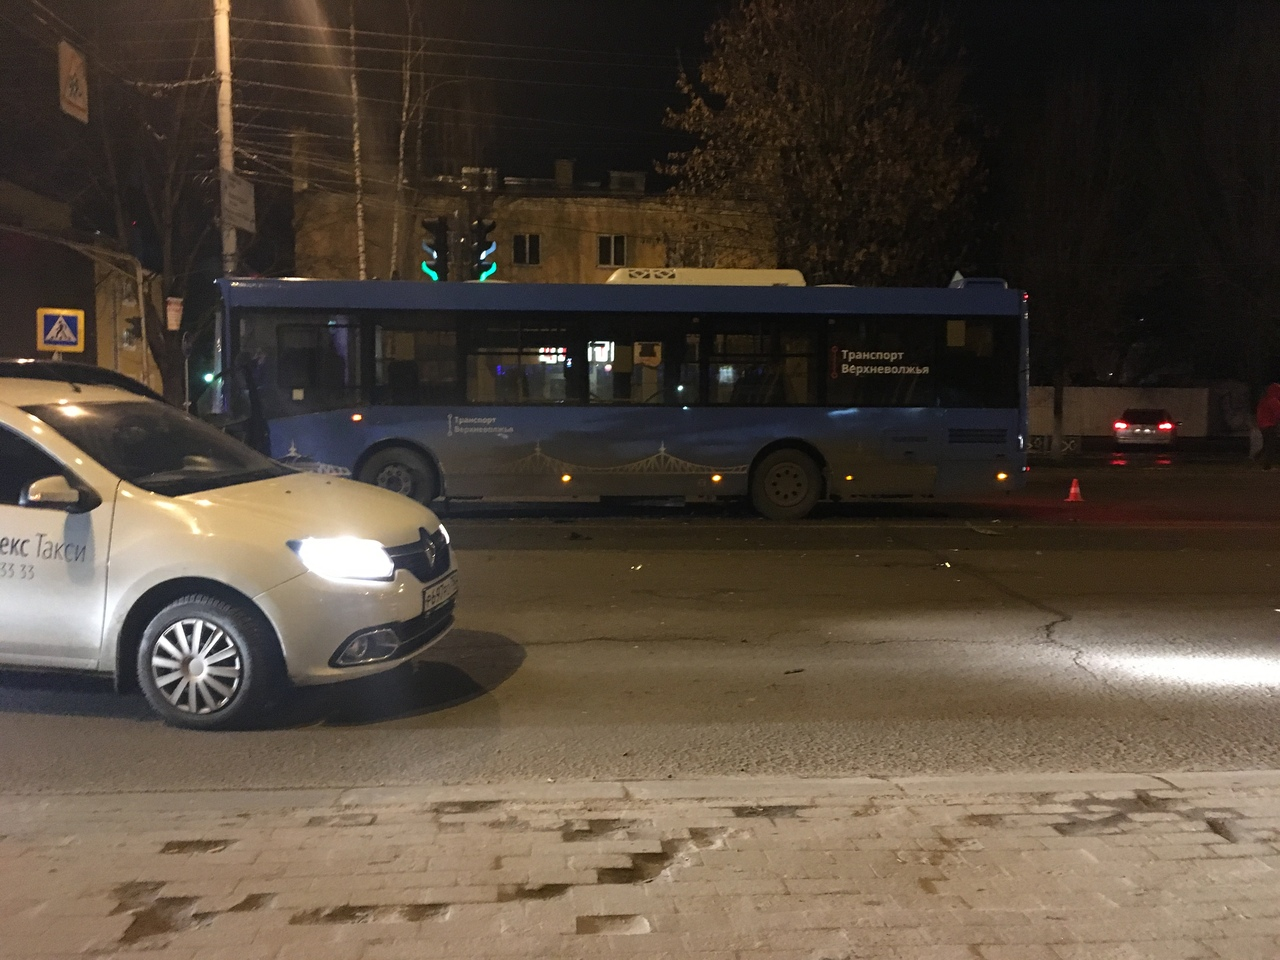 Ночью в Твери легковушка столкнулась с синим автобусом